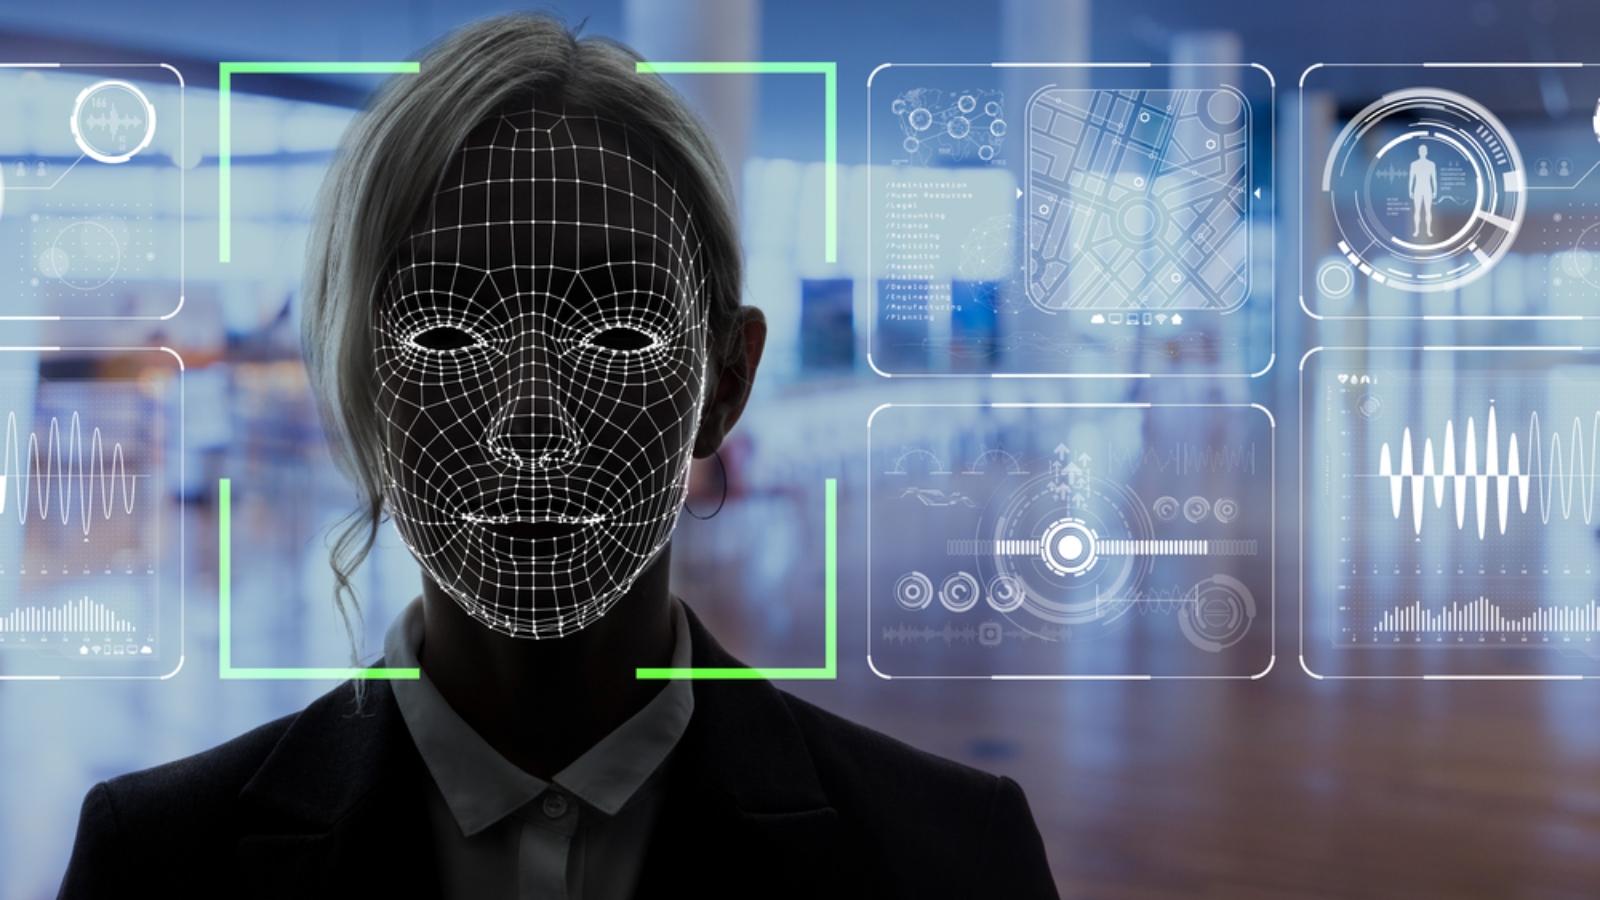 Компании Paravision приказали уничтожить ИИ-алгоритм, обученный наворованных фотографиях